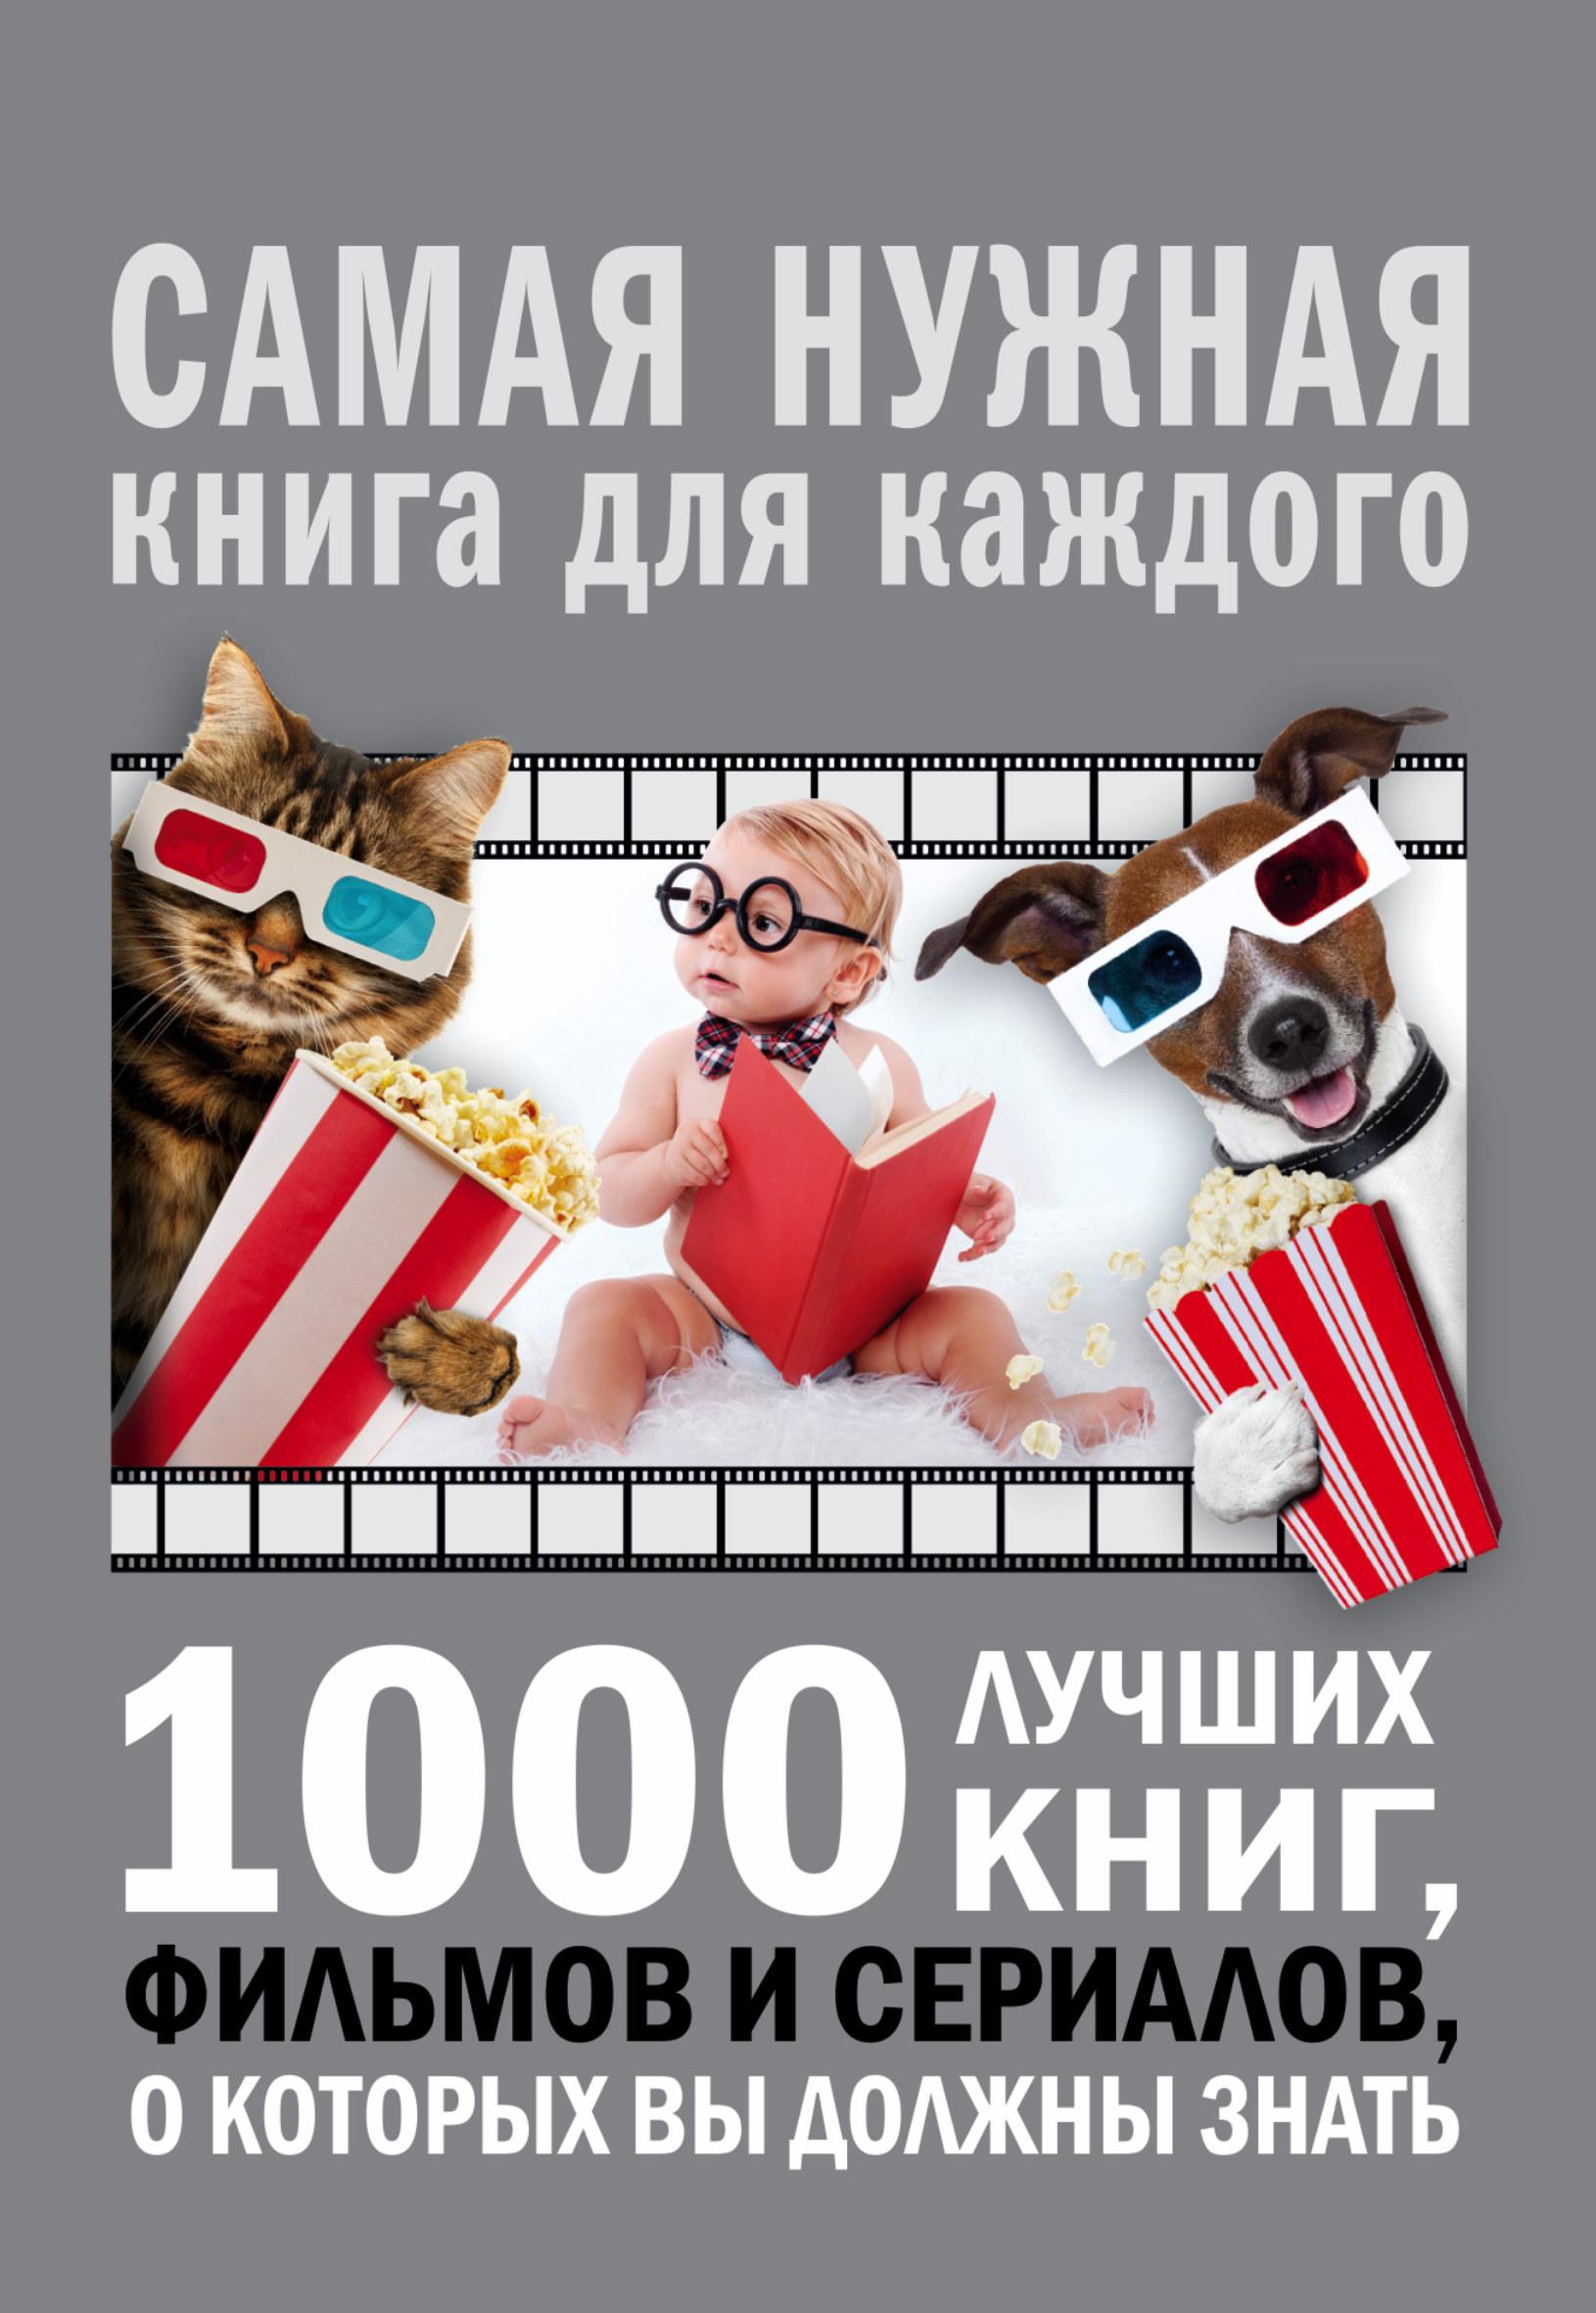 1000 лучших книг, фильмов и сериалов, о которых вы должны знать ( Мерников Андрей Геннадьевич  )